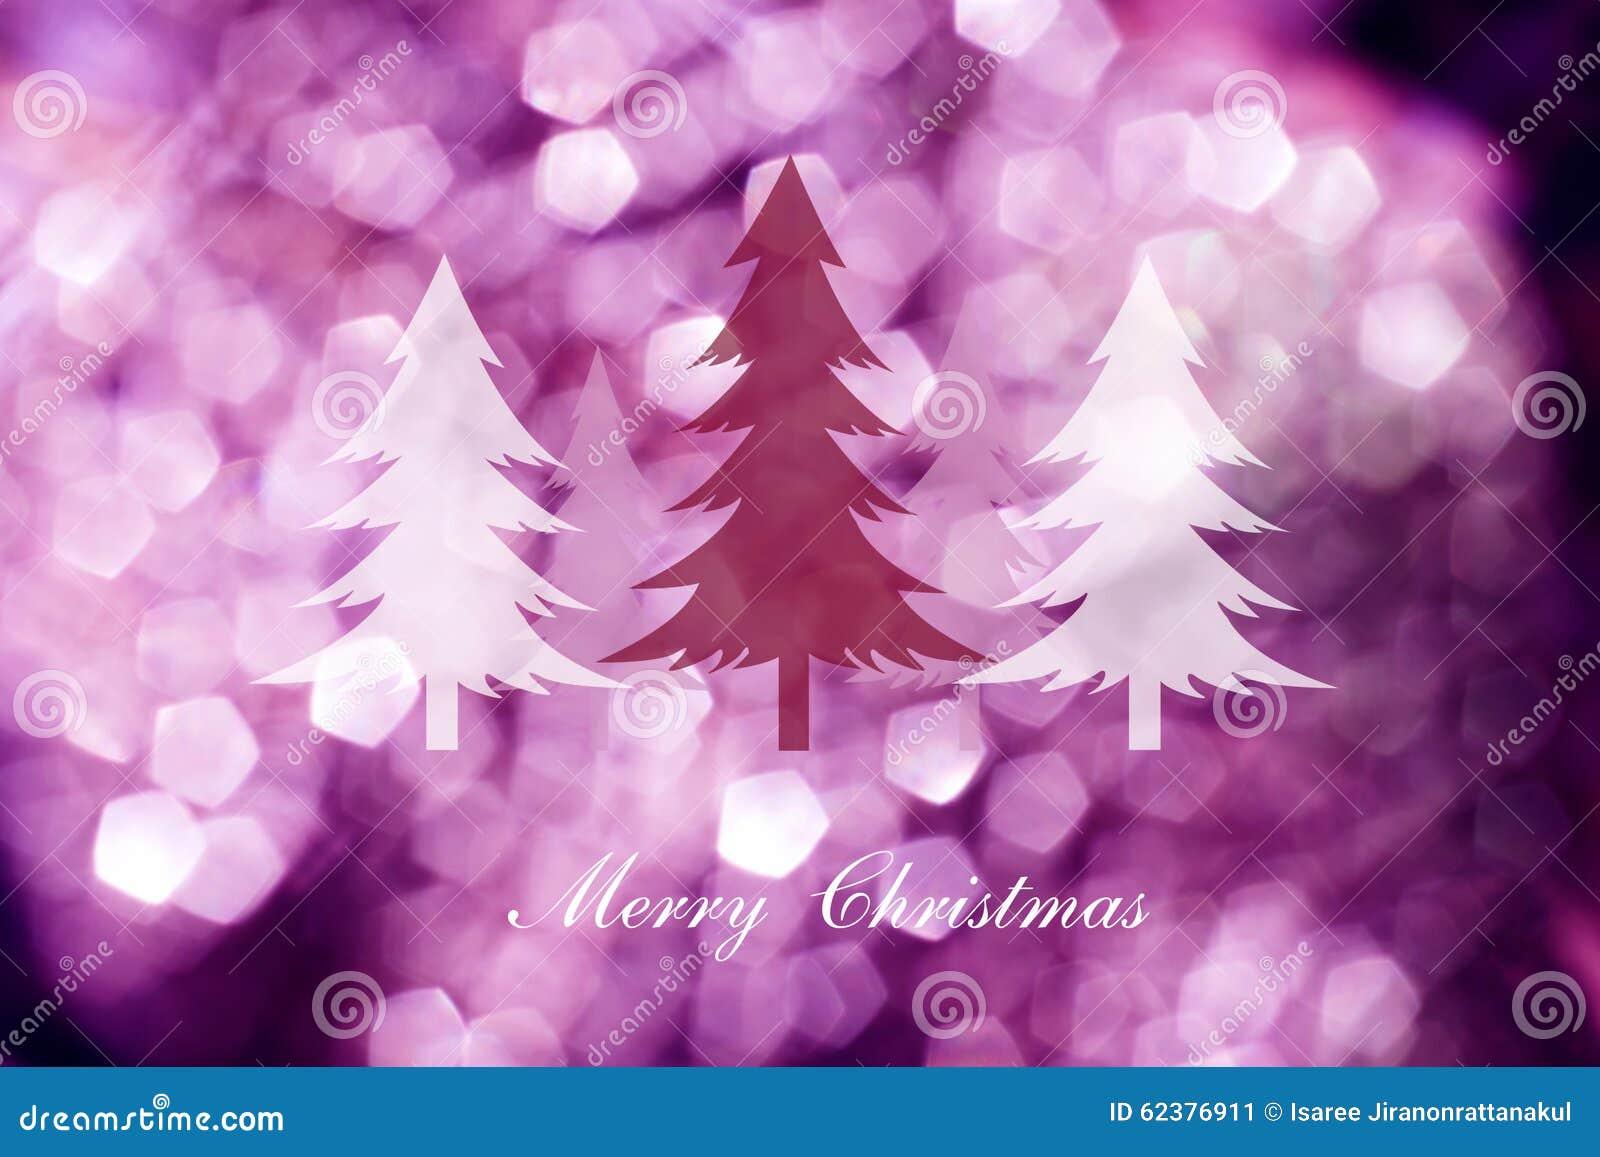 Kerstbomen Op Abstracte Lichte Achtergrond Kerstkaarten Stock